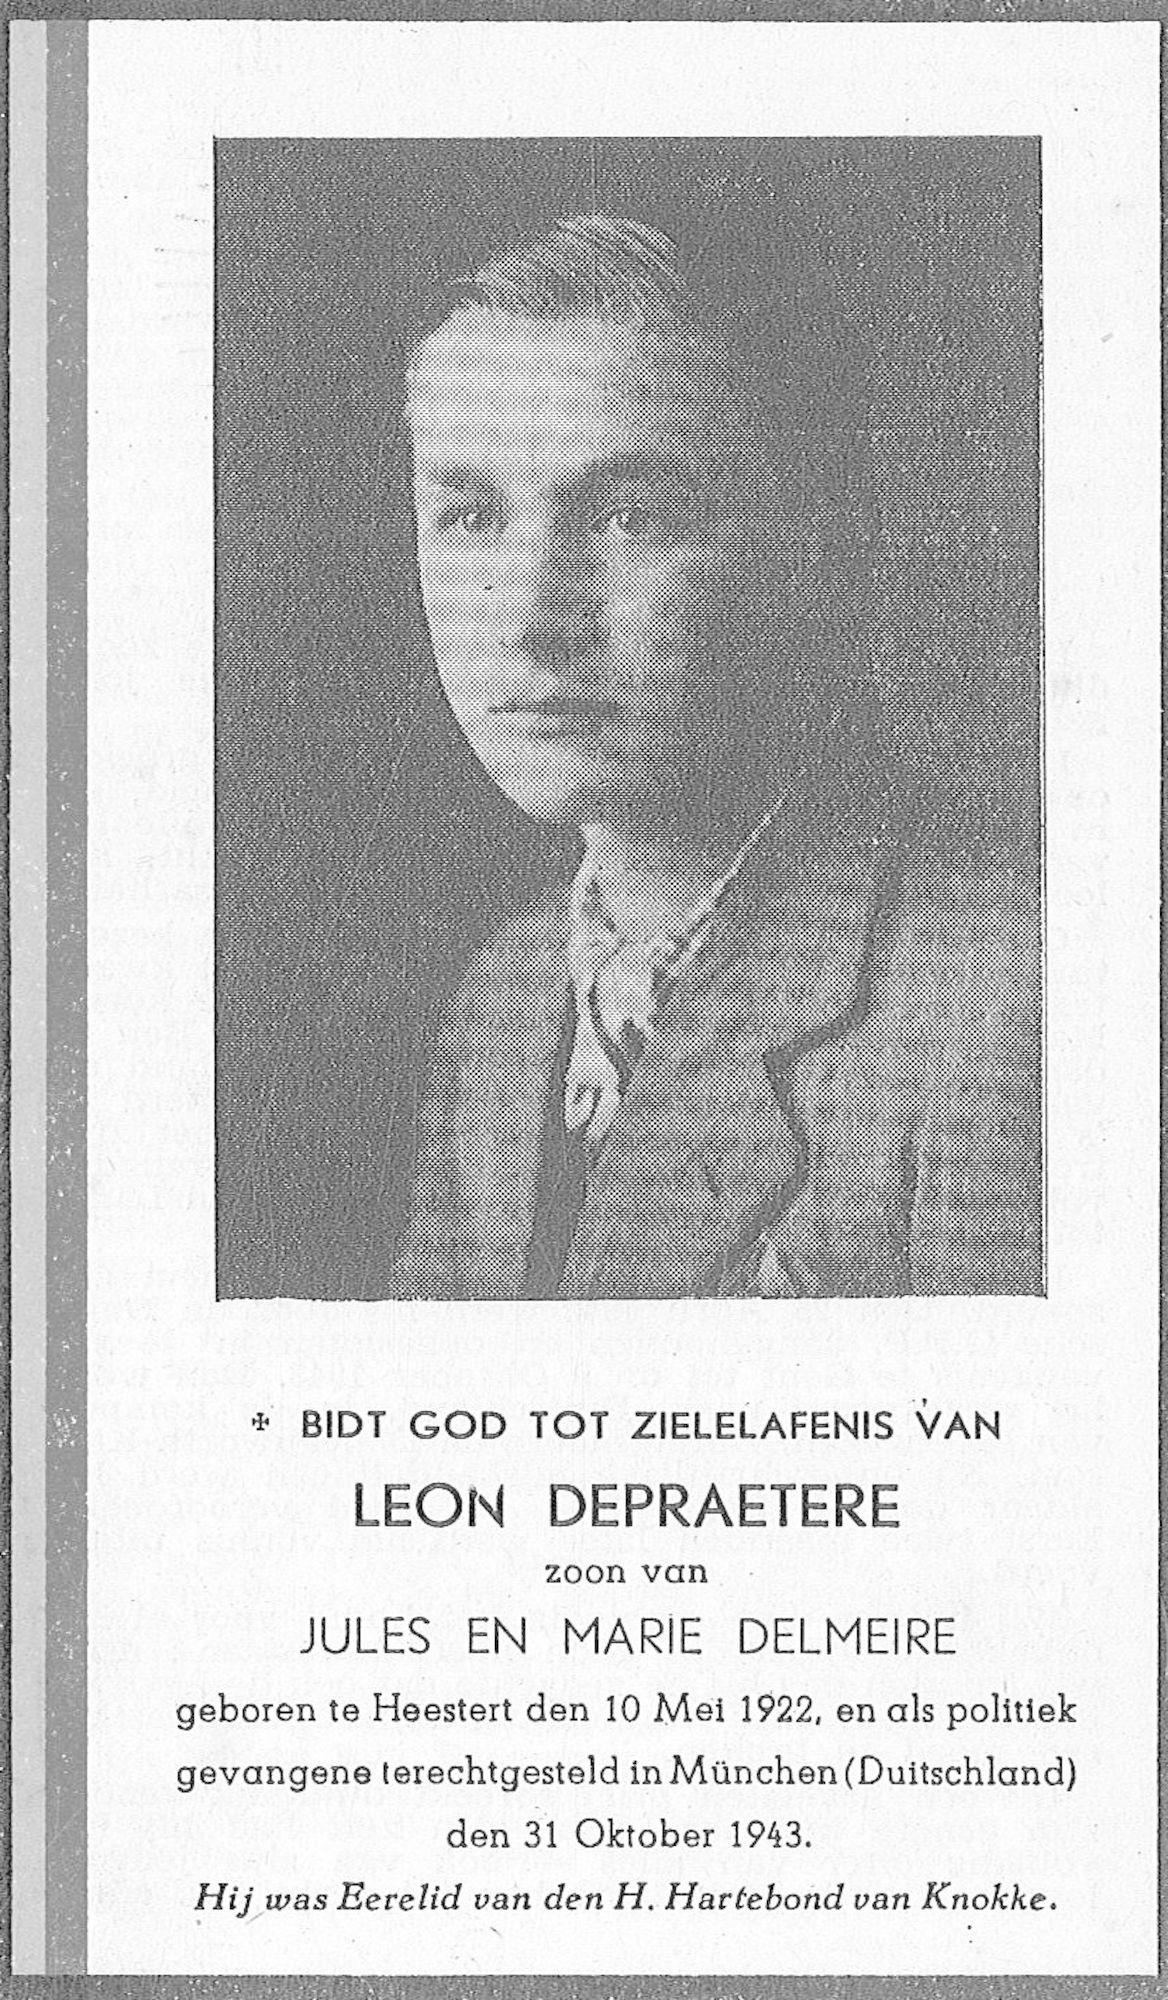 Depraetere Leon